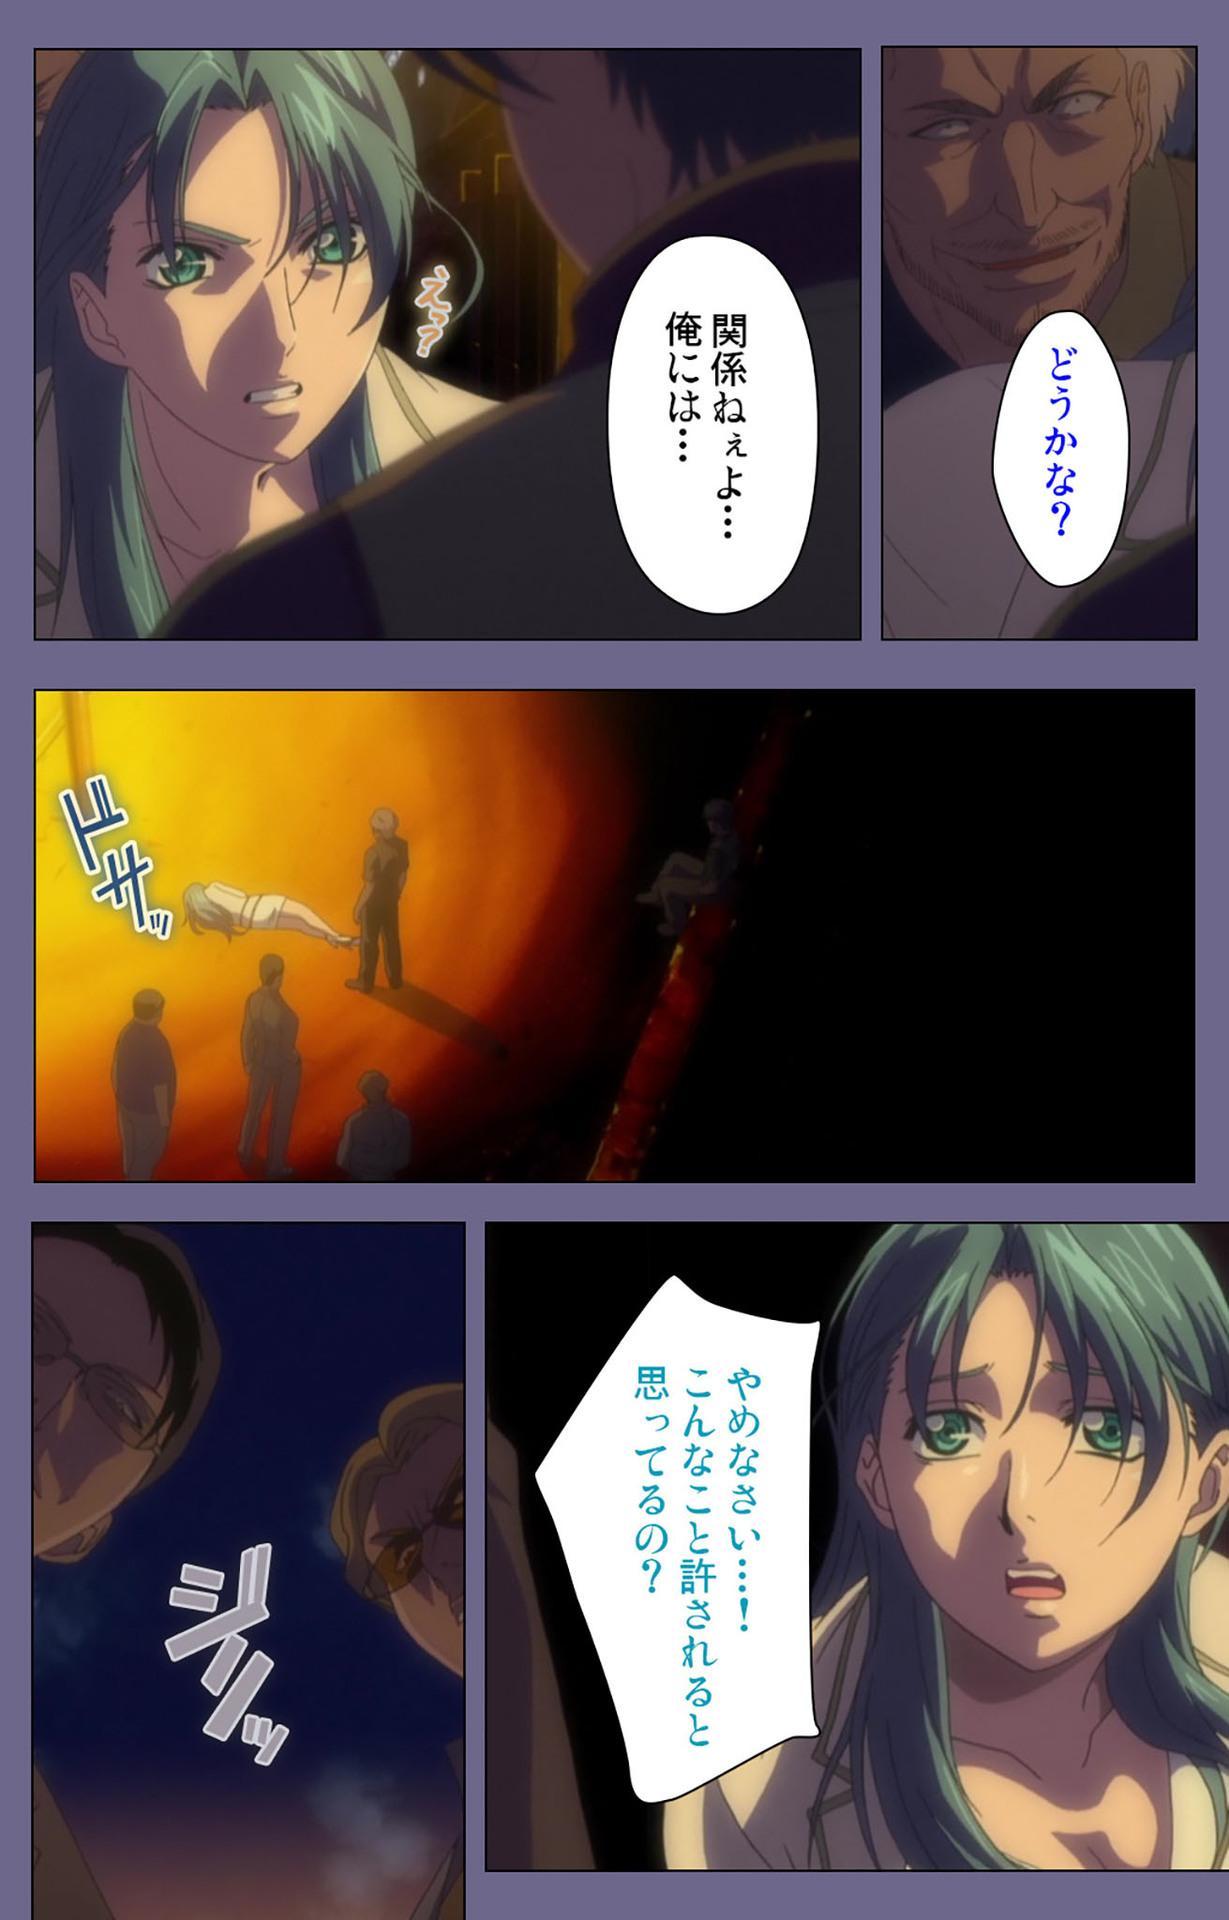 Itazura kanzenhan 192